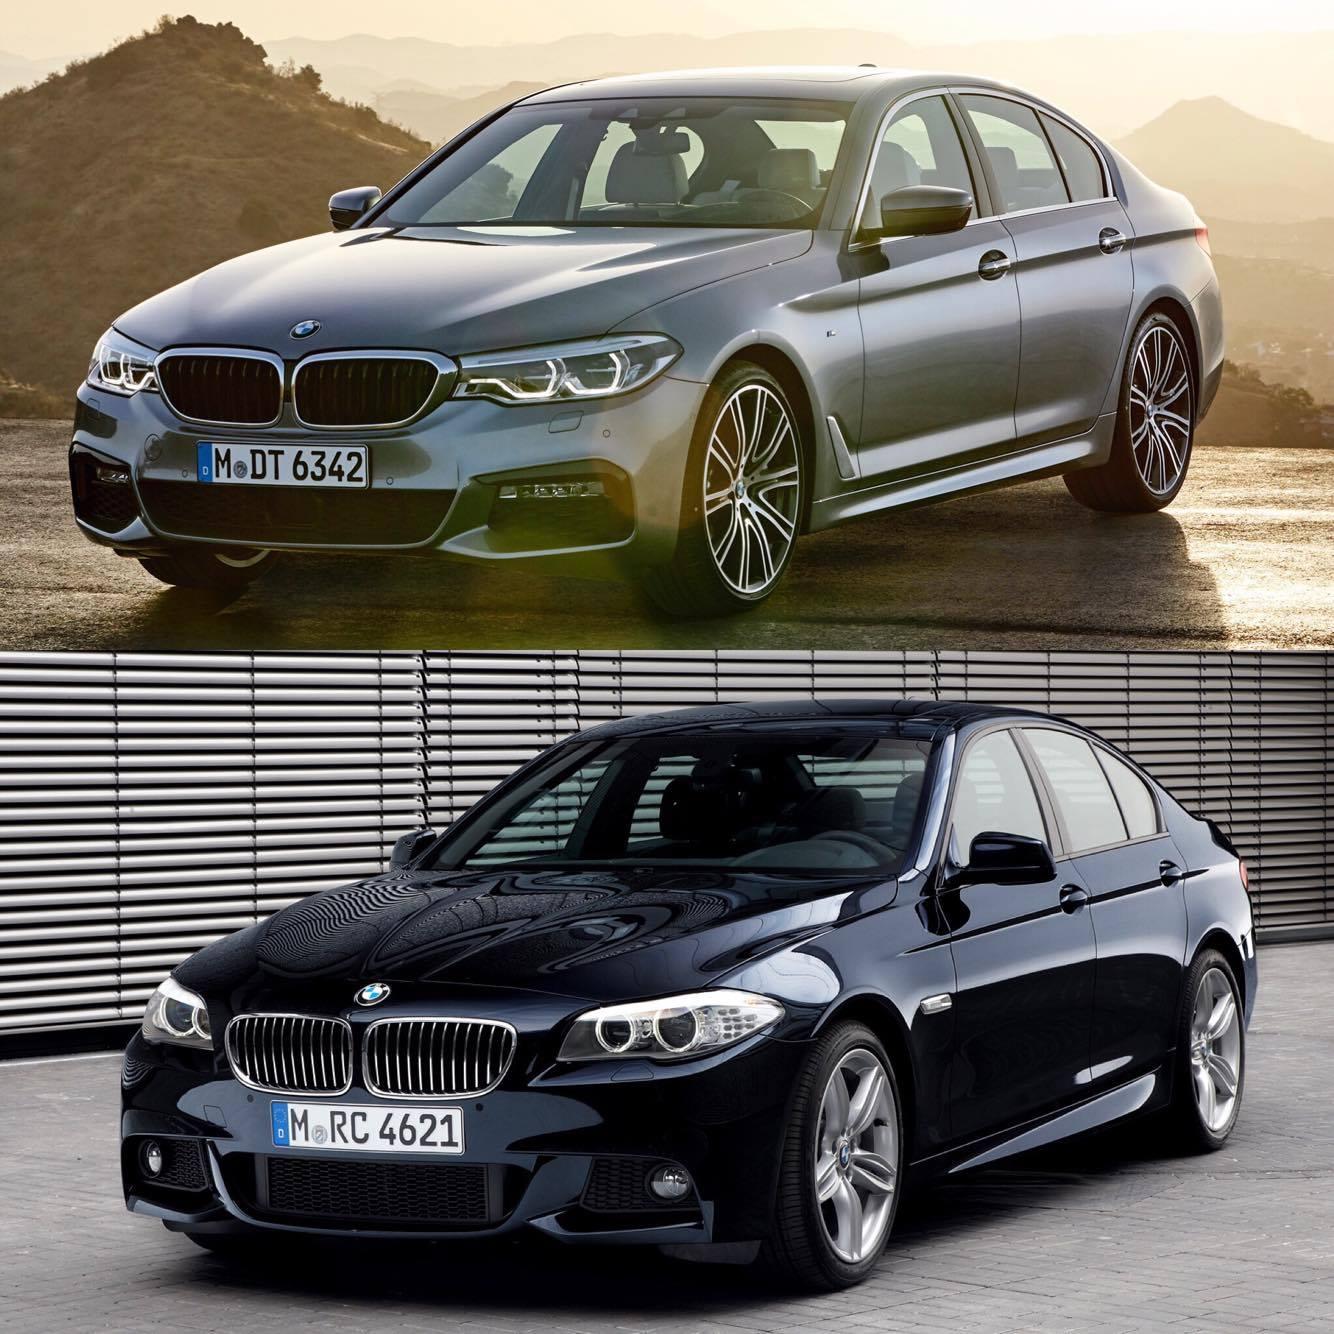 G30 5 Series vs F10 5 Series comparison 3